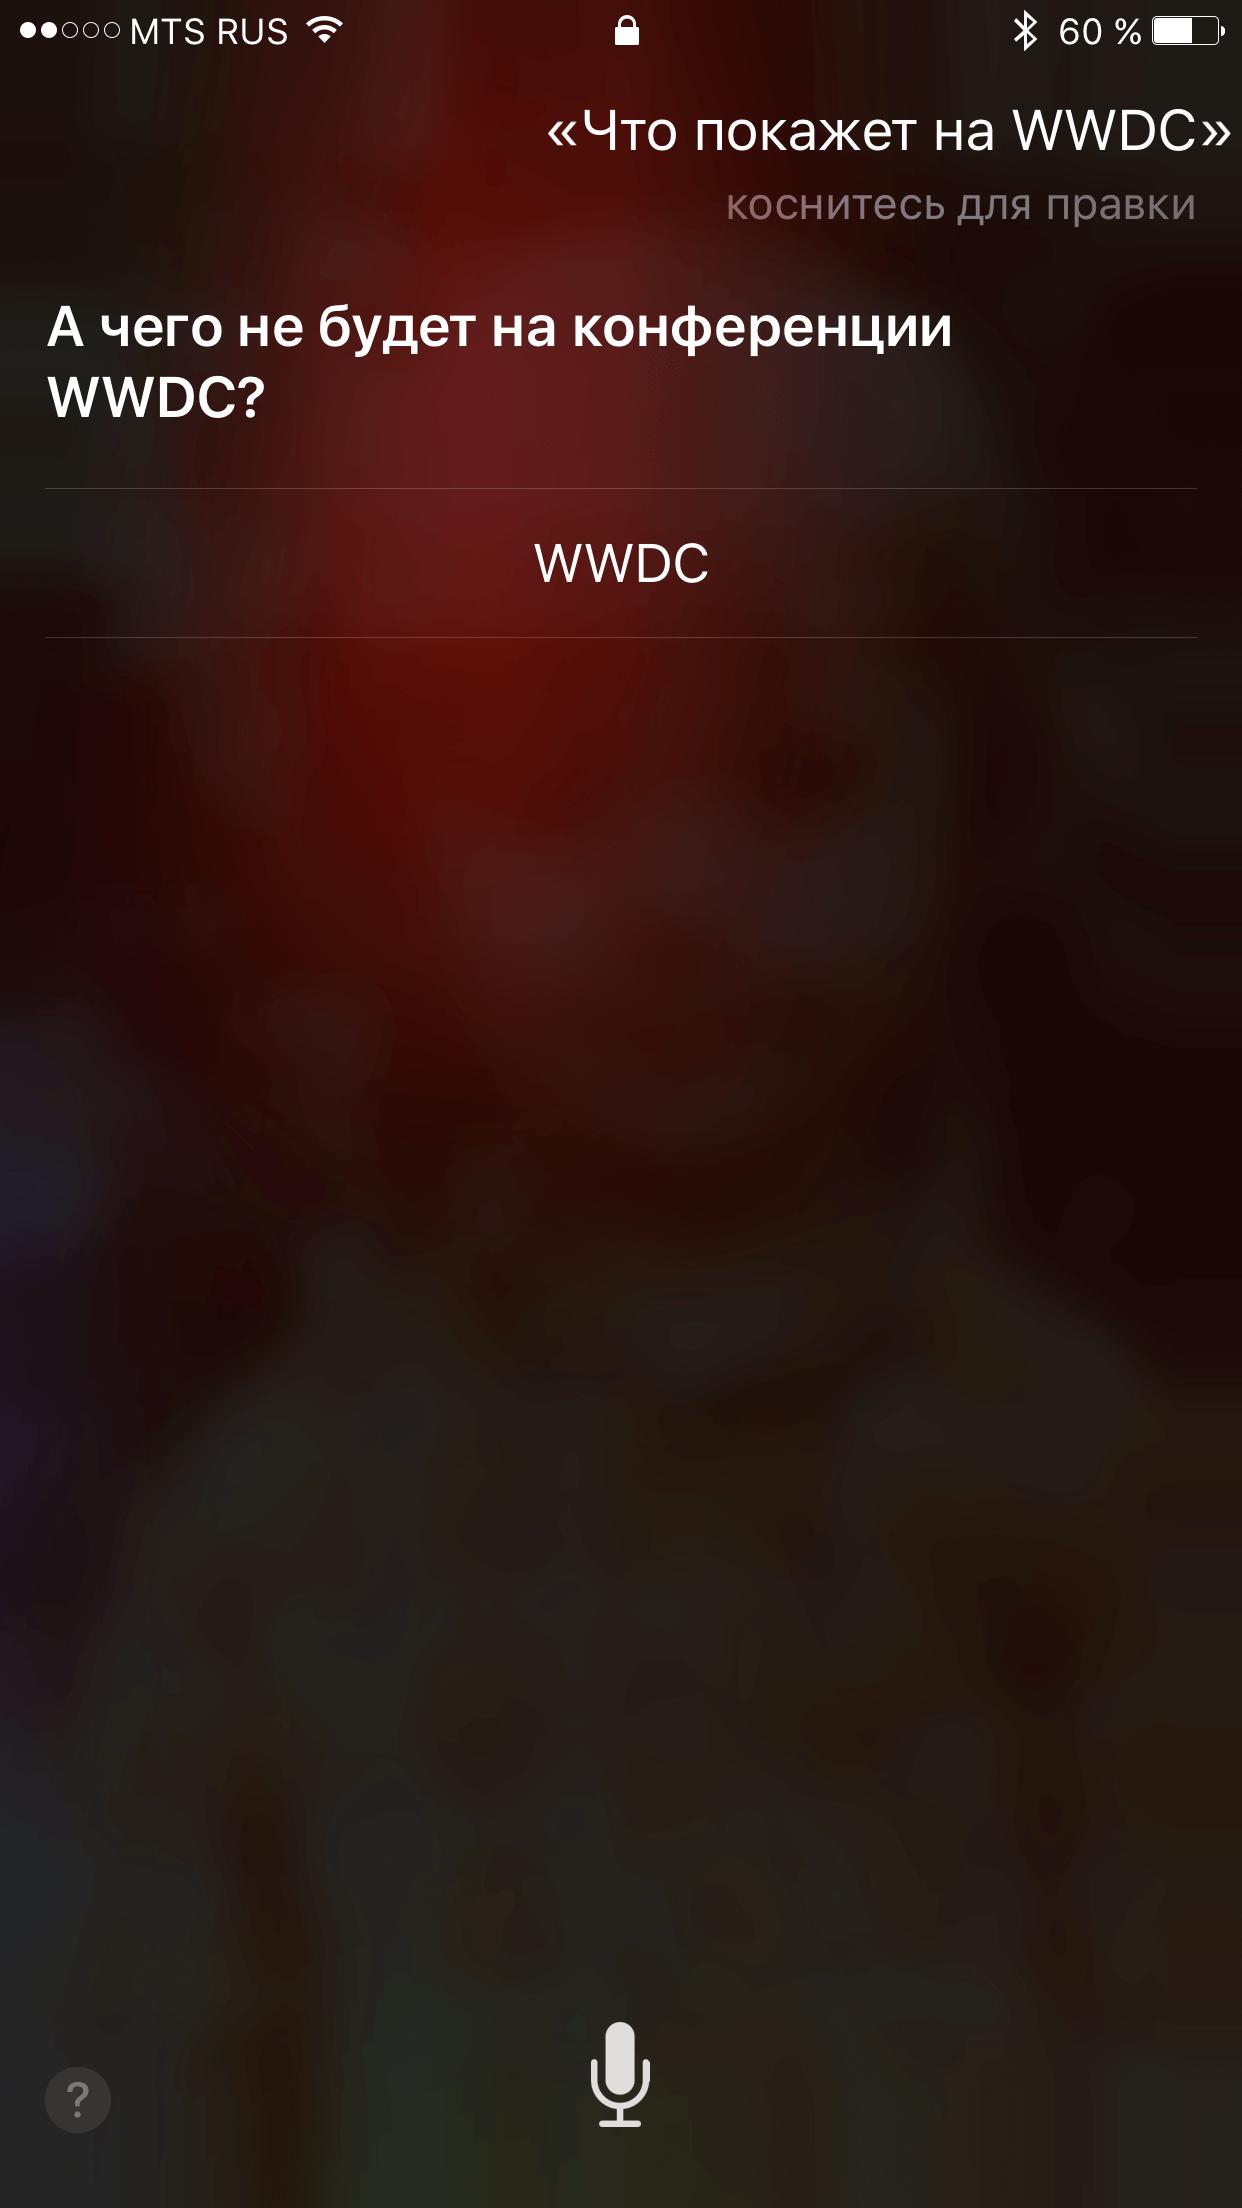 Что покажут на WWDC 2017? Отвечает Siri